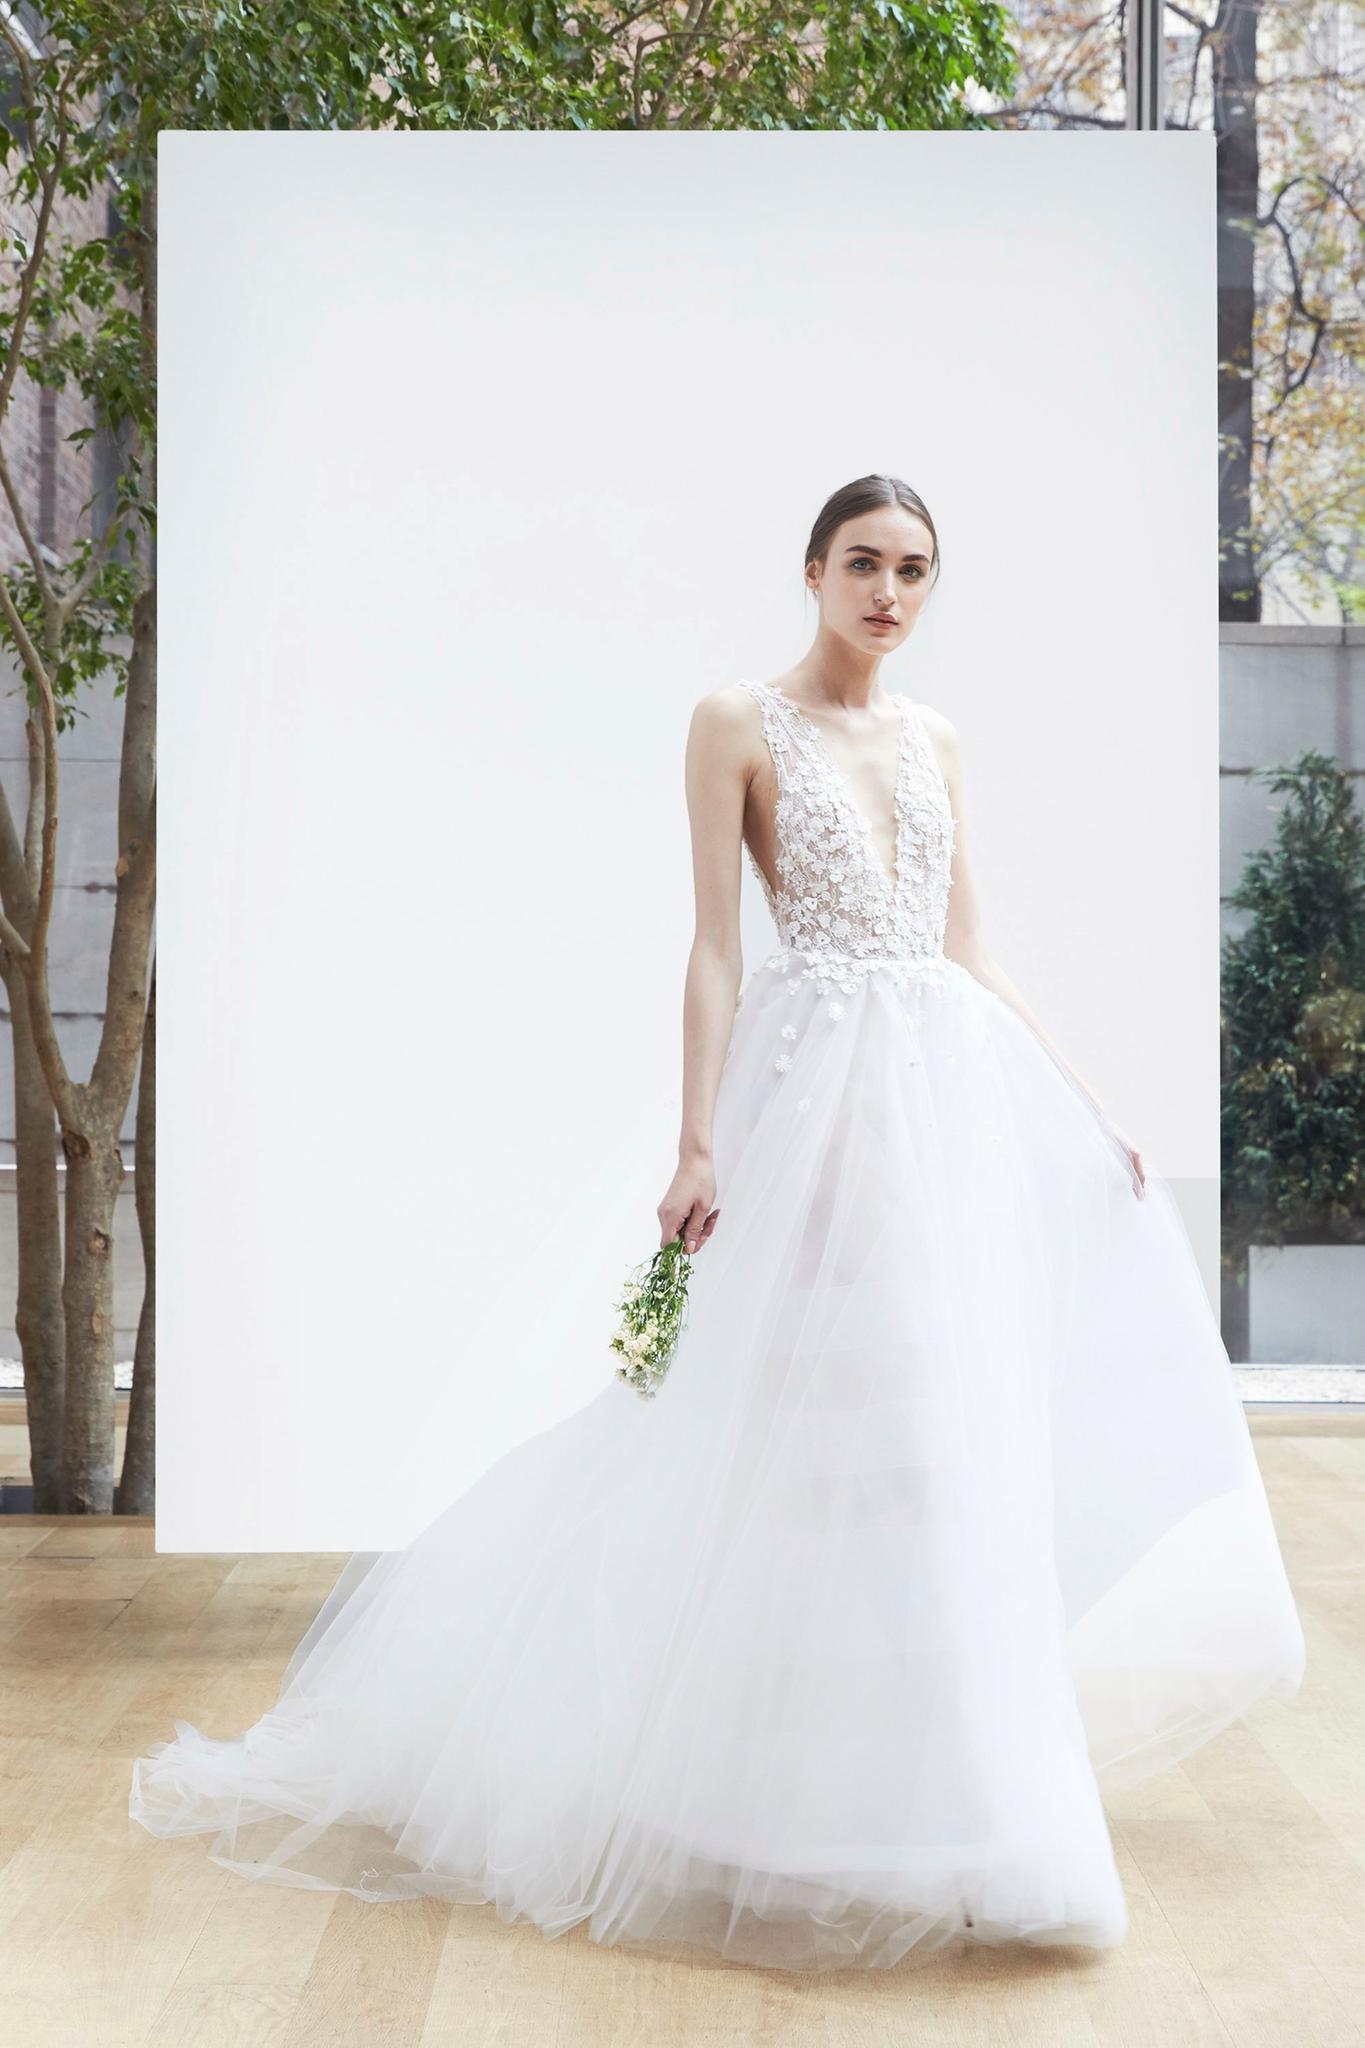 Brautkleider-Trends 2018: Tiefe Ausschnitte & viel Tüll bei Oscar de la Renta